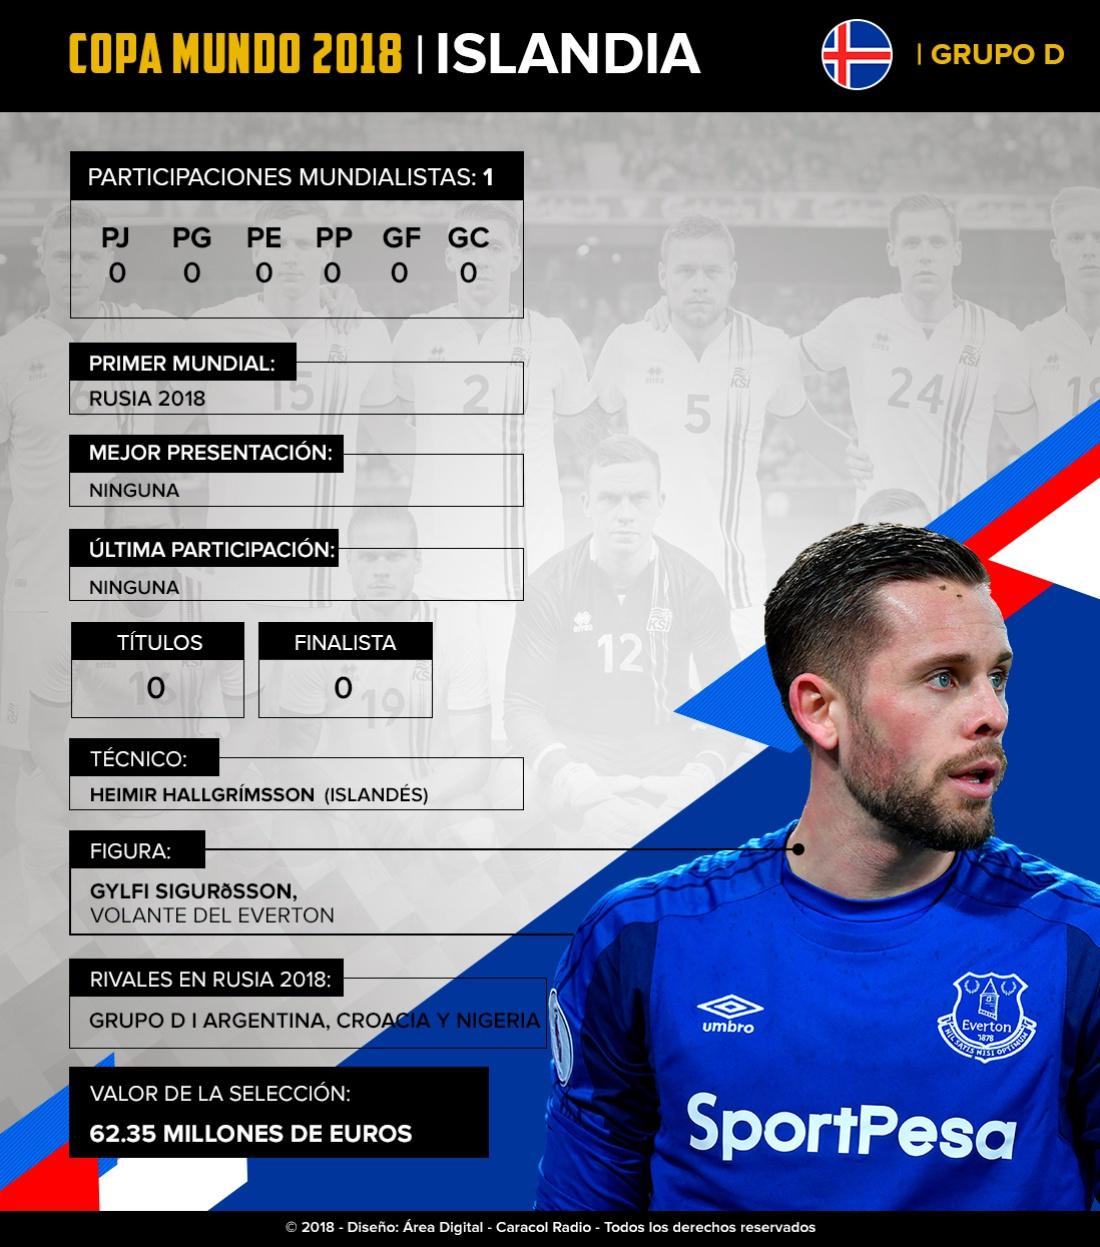 Mundial 2018: Islandia: En su debut en Mundiales, buscarán hacer una buena Copa